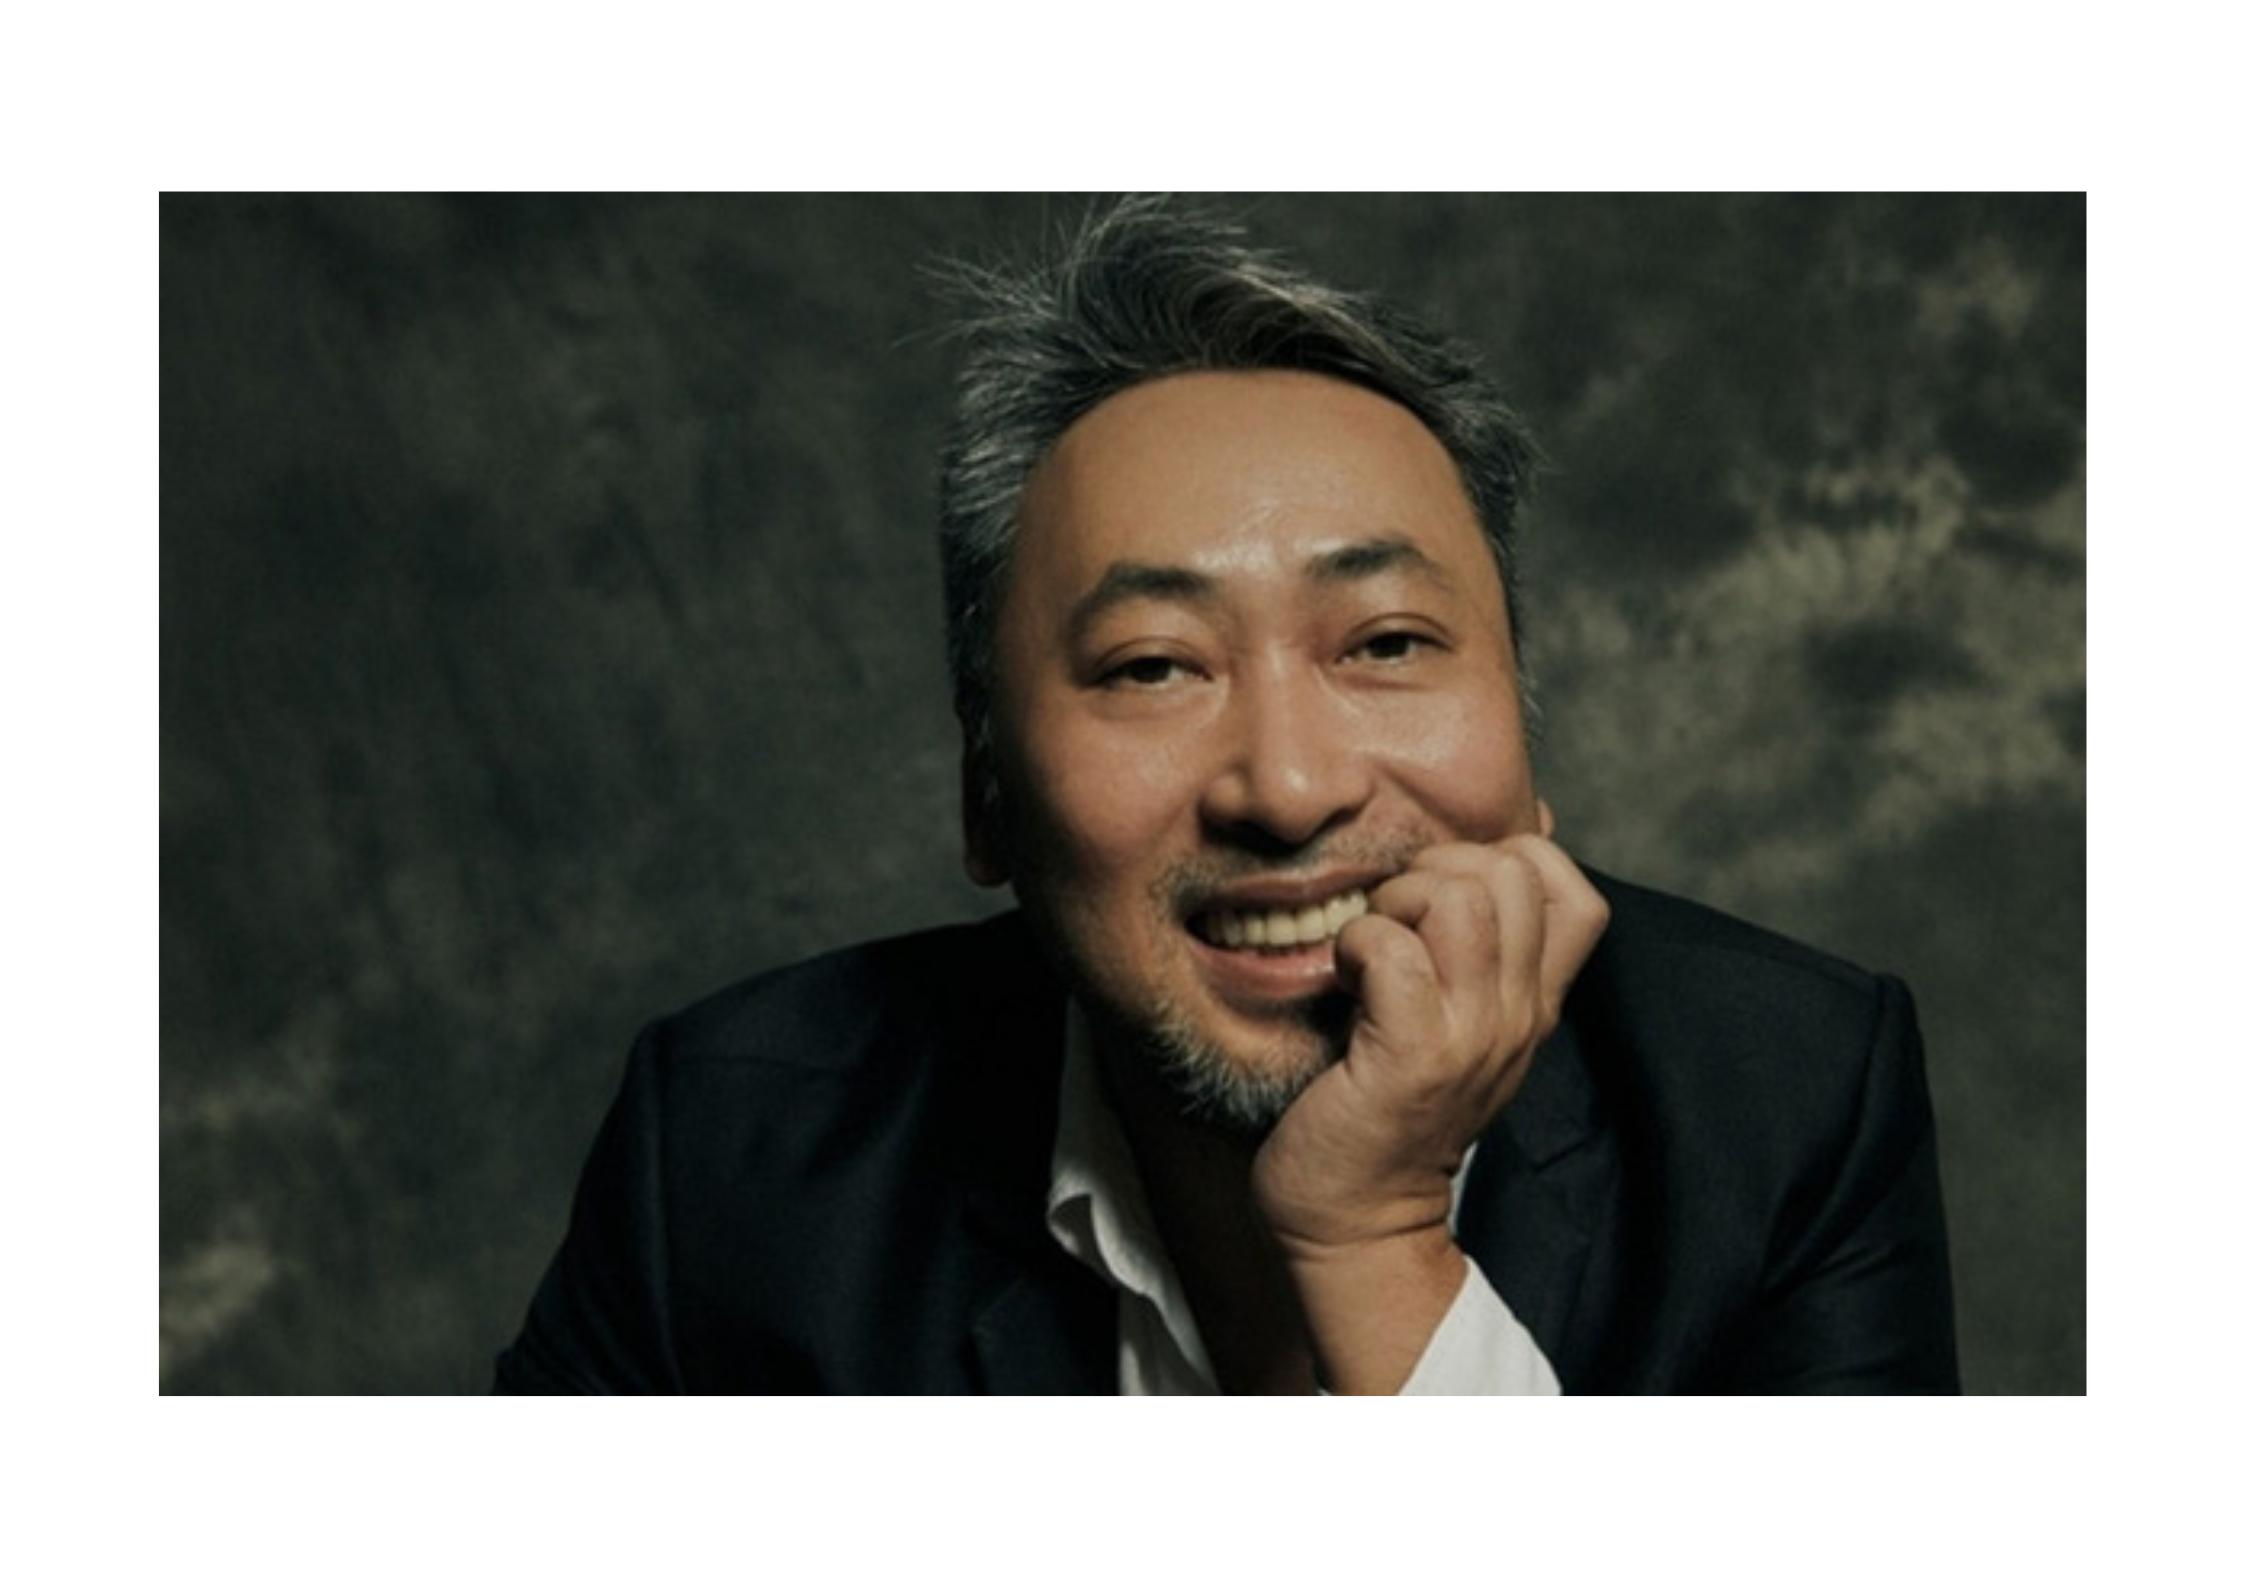 Đạo diễn Quang Dũng bị chỉ trích nặng nề vì đề xuất CSGT làm shipper trong mùa dịch